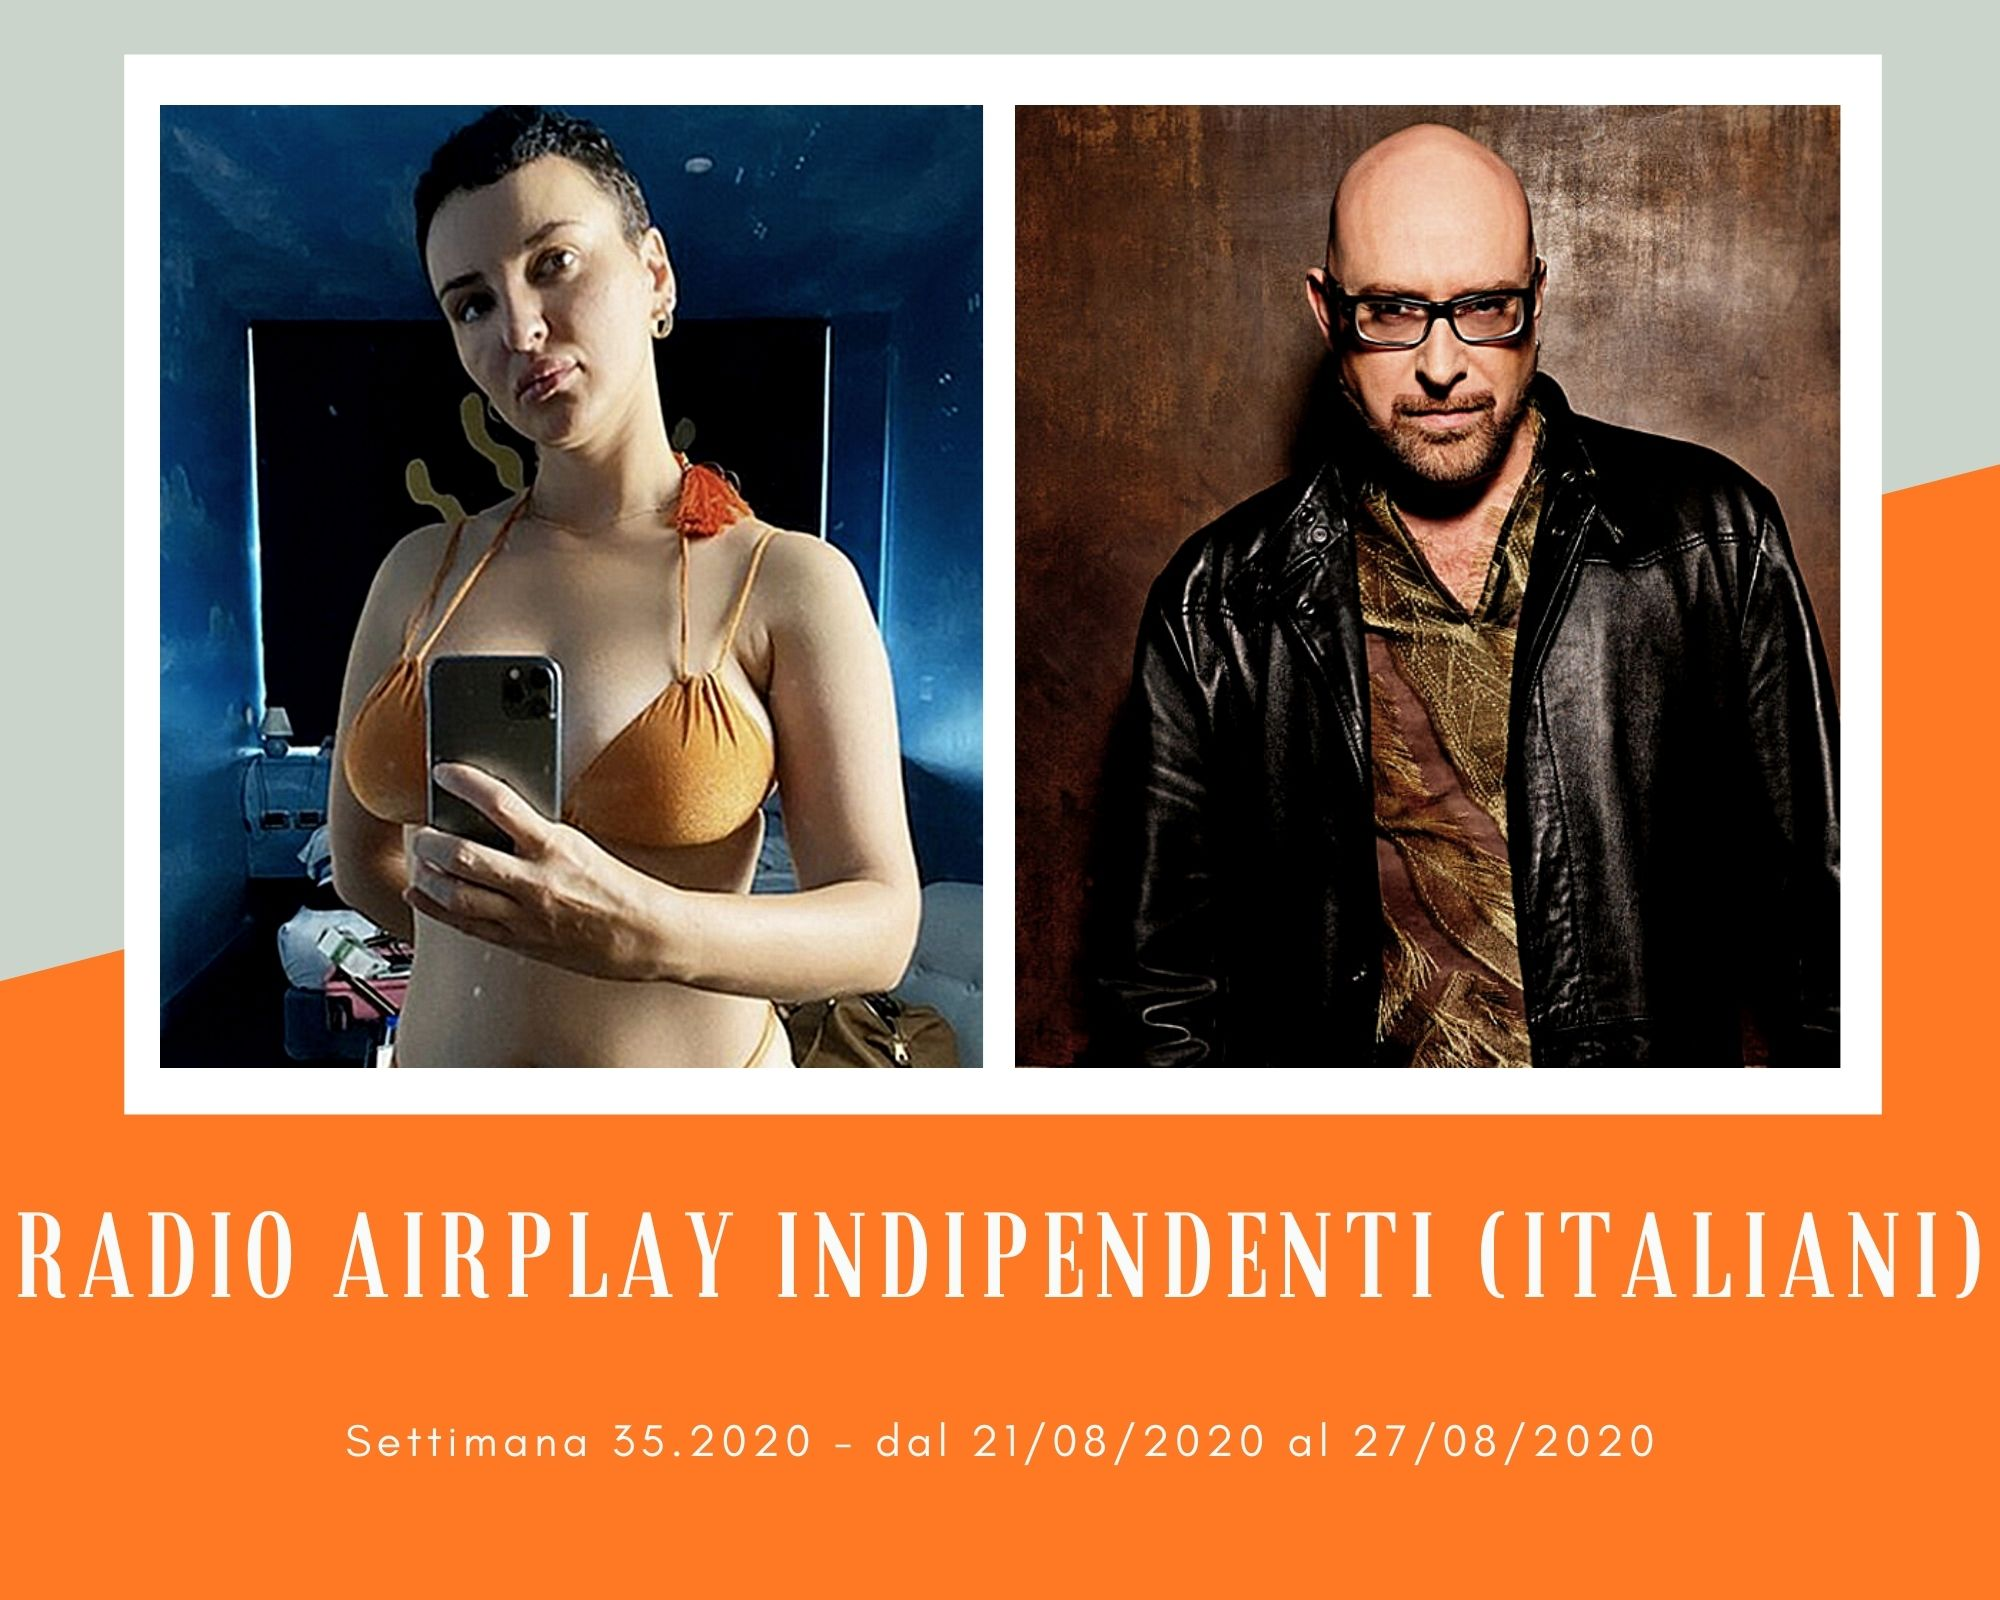 Classifica Radio Airplay Indipendenti Italiani, week 35: Arisa e Mario Biondi sempre più su, Paola Iezzi e Mietta reggono